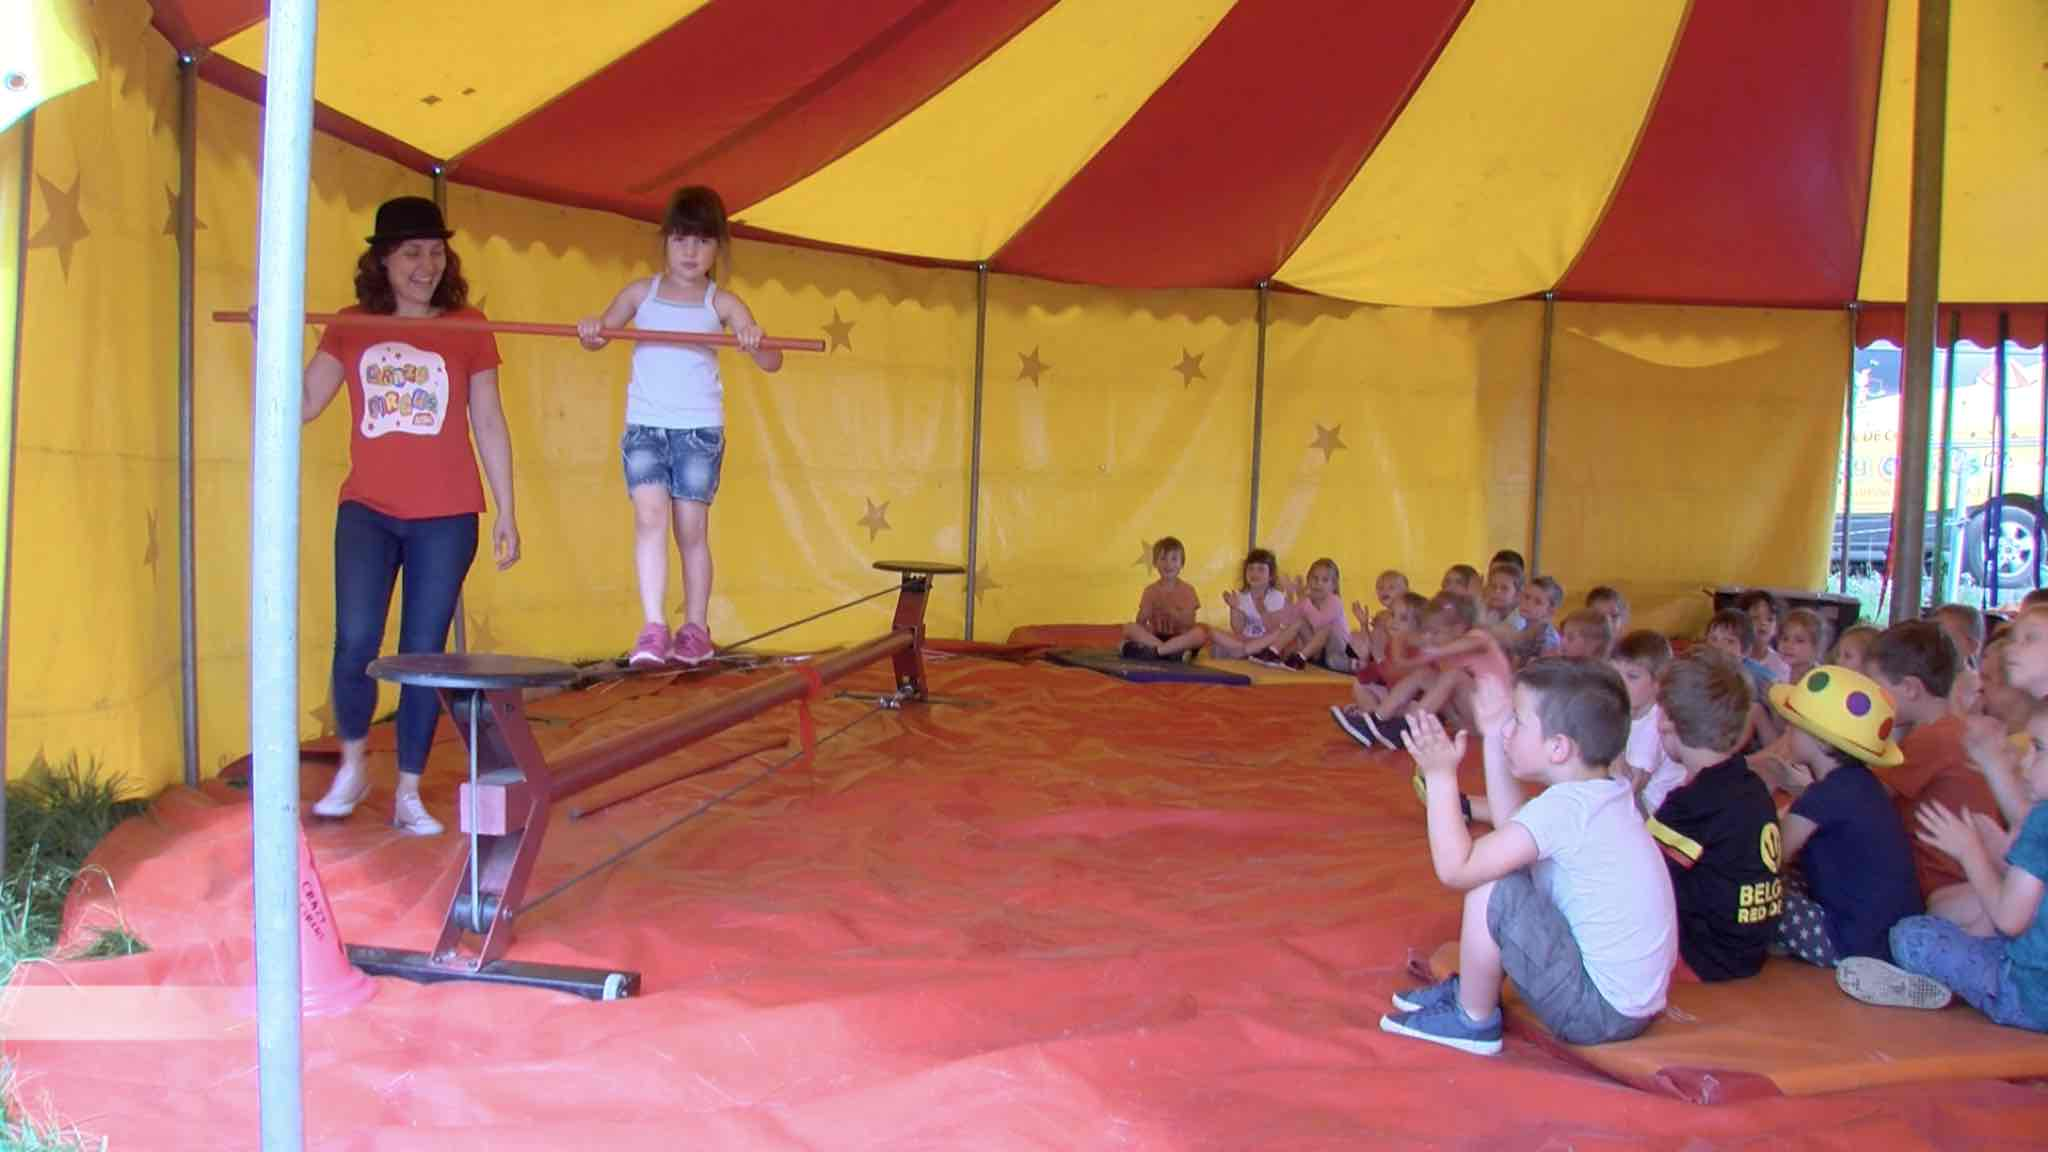 Les enfants de Taintignies découvrent le cirque